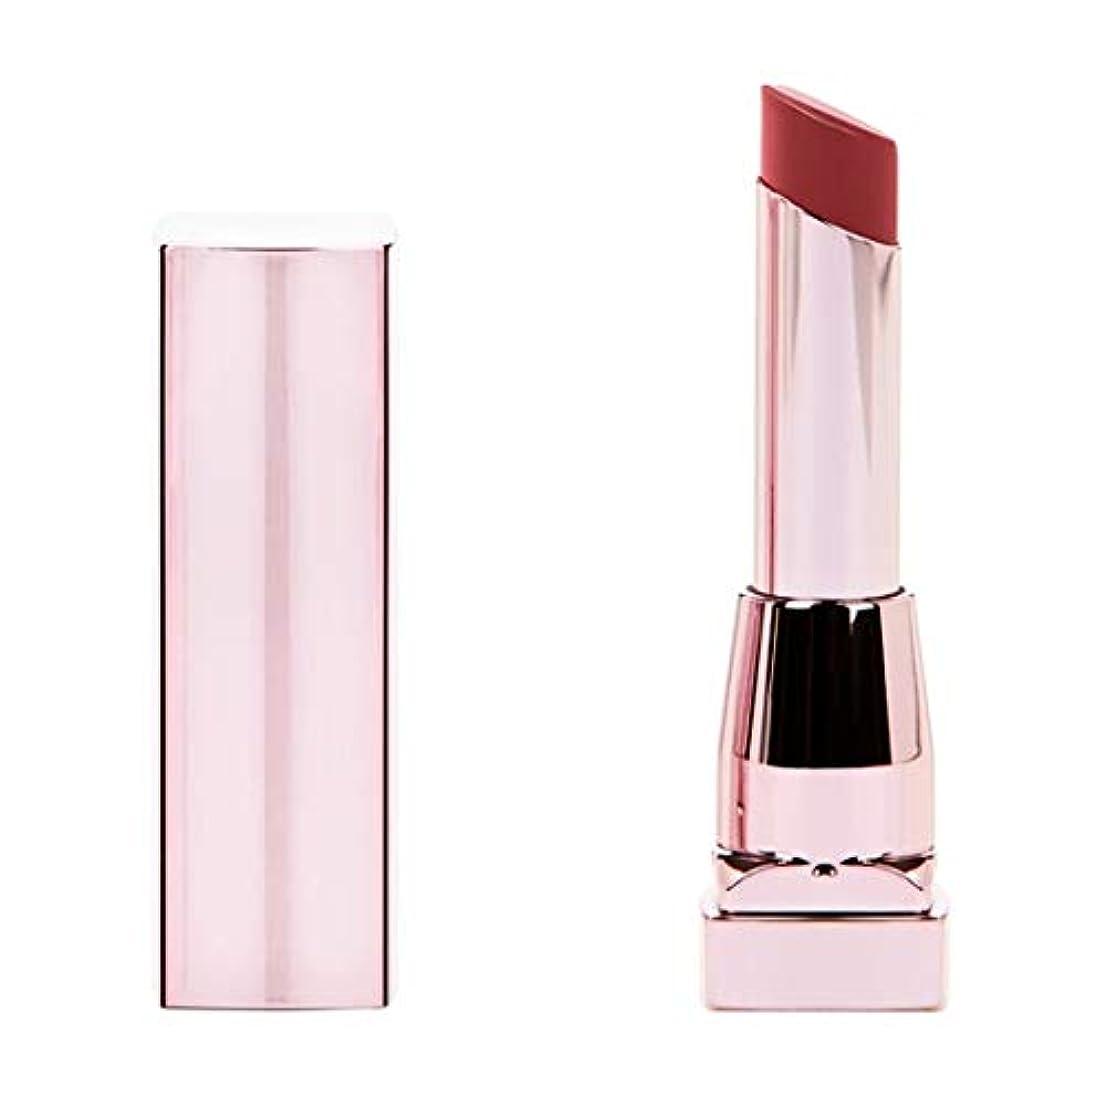 解釈する煙キモい(6 Pack) MAYBELLINE Color Sensational Shine Compulsion Lipstick - Scarlet Flame 090 (並行輸入品)